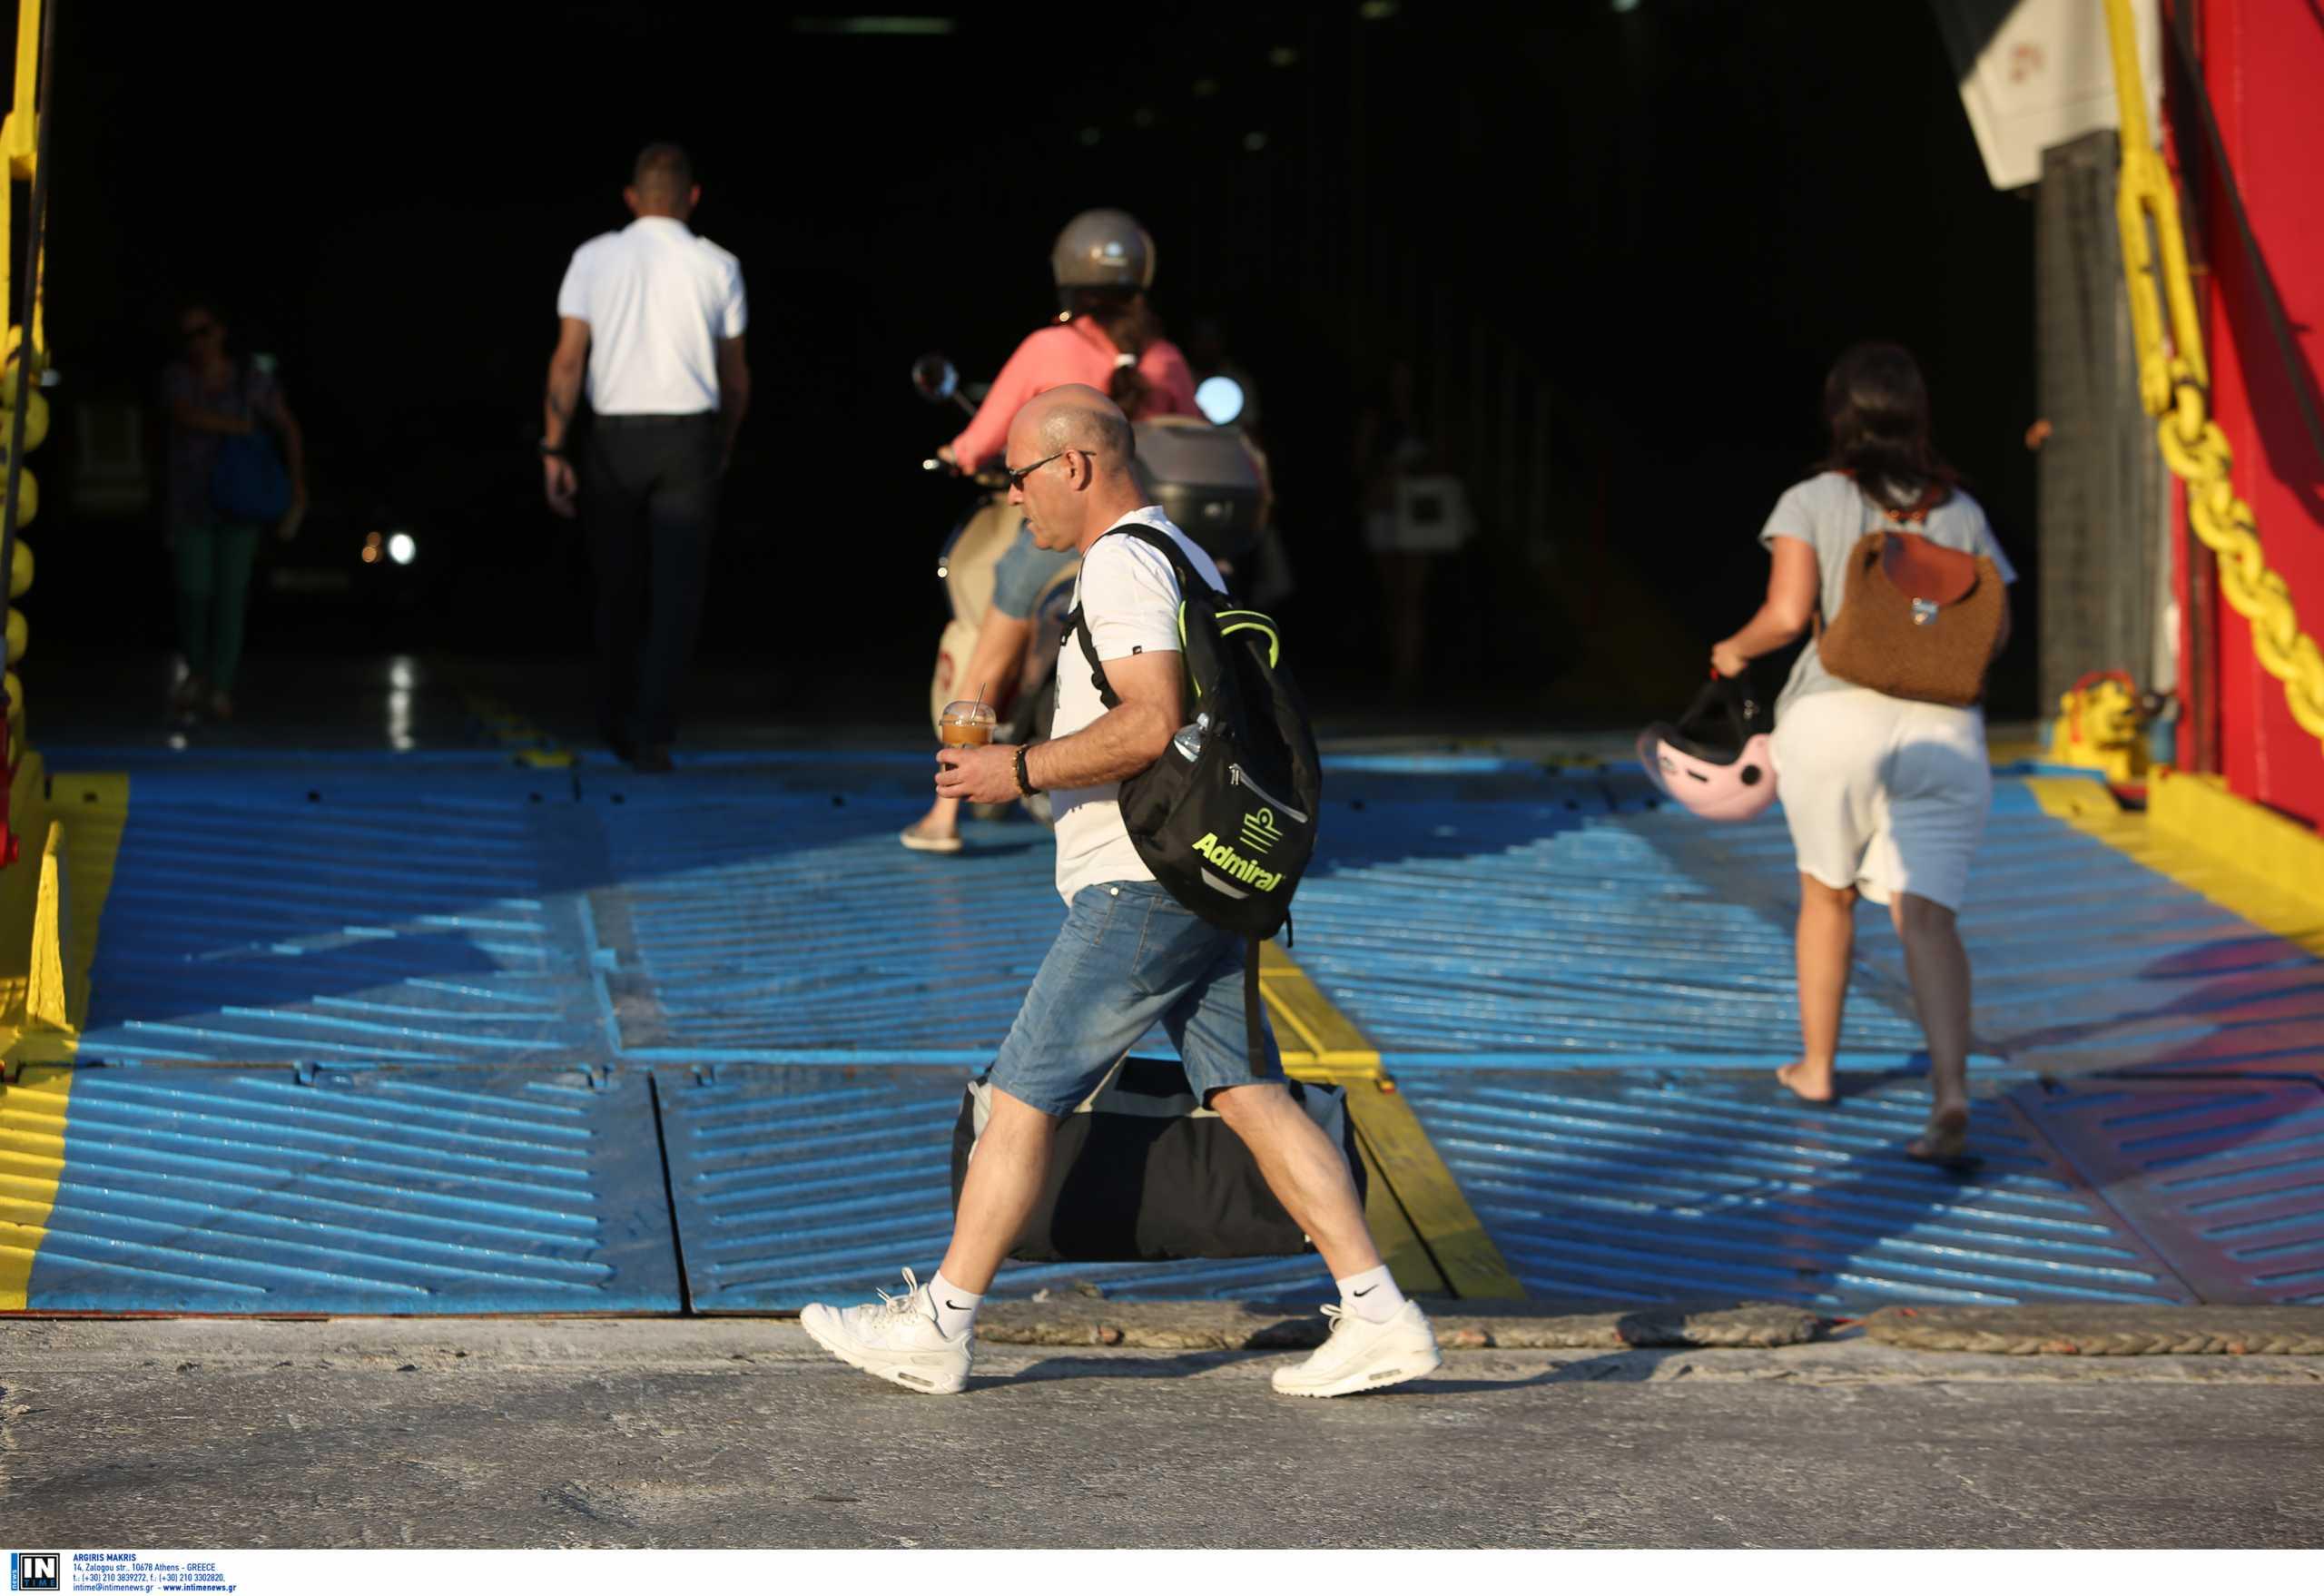 Ανοίγει ο τουρισμός: Με ποια έγγραφα μπορείτε να ταξιδέψετε